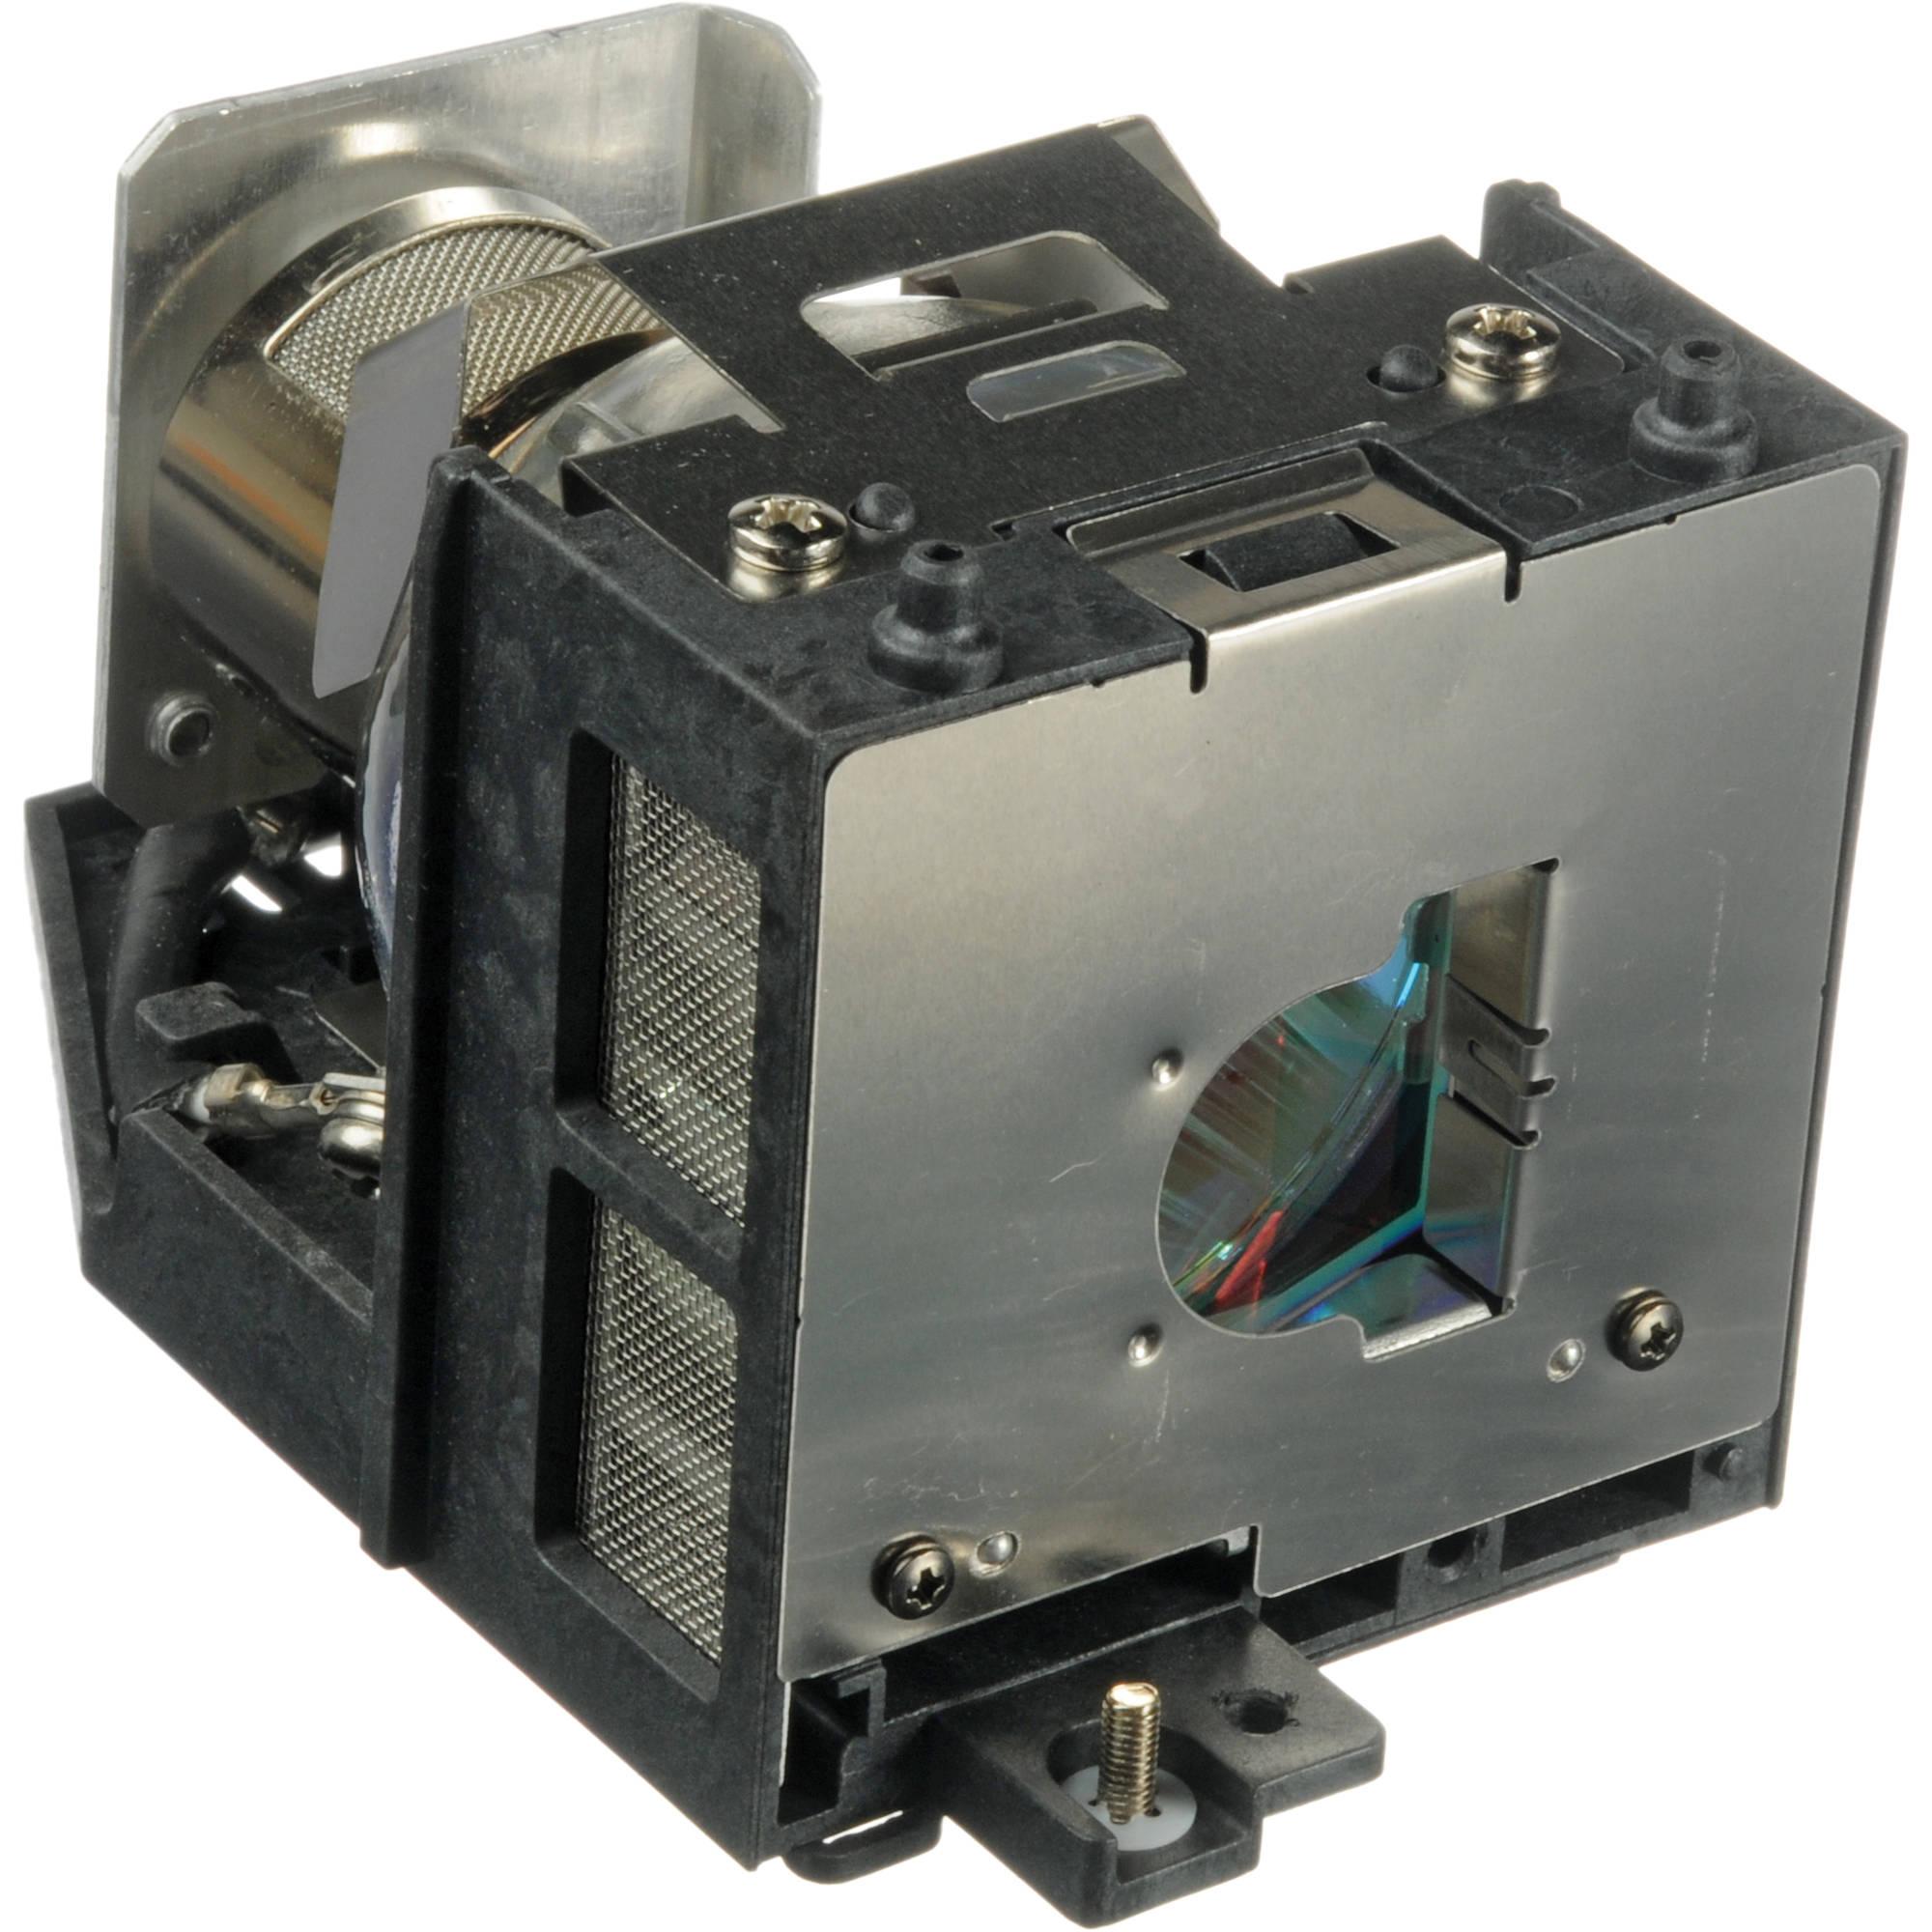 Sharp An Xr20lp Projector Lamp An Xr20lp B Amp H Photo Video